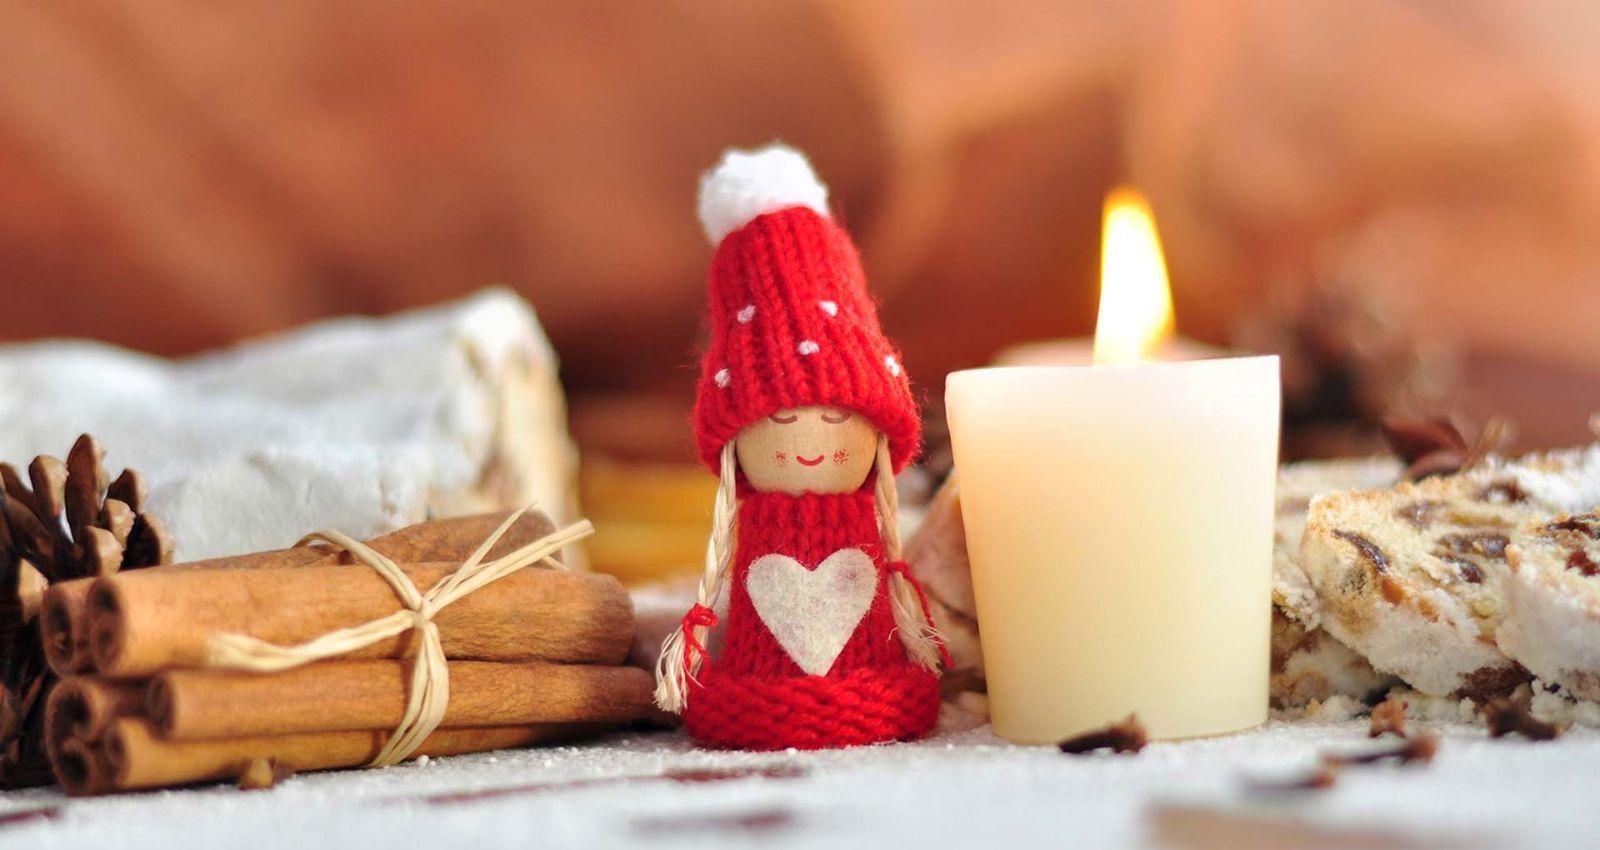 Bastelvorlagen und kreative DIY Ideen zu Weihnachten